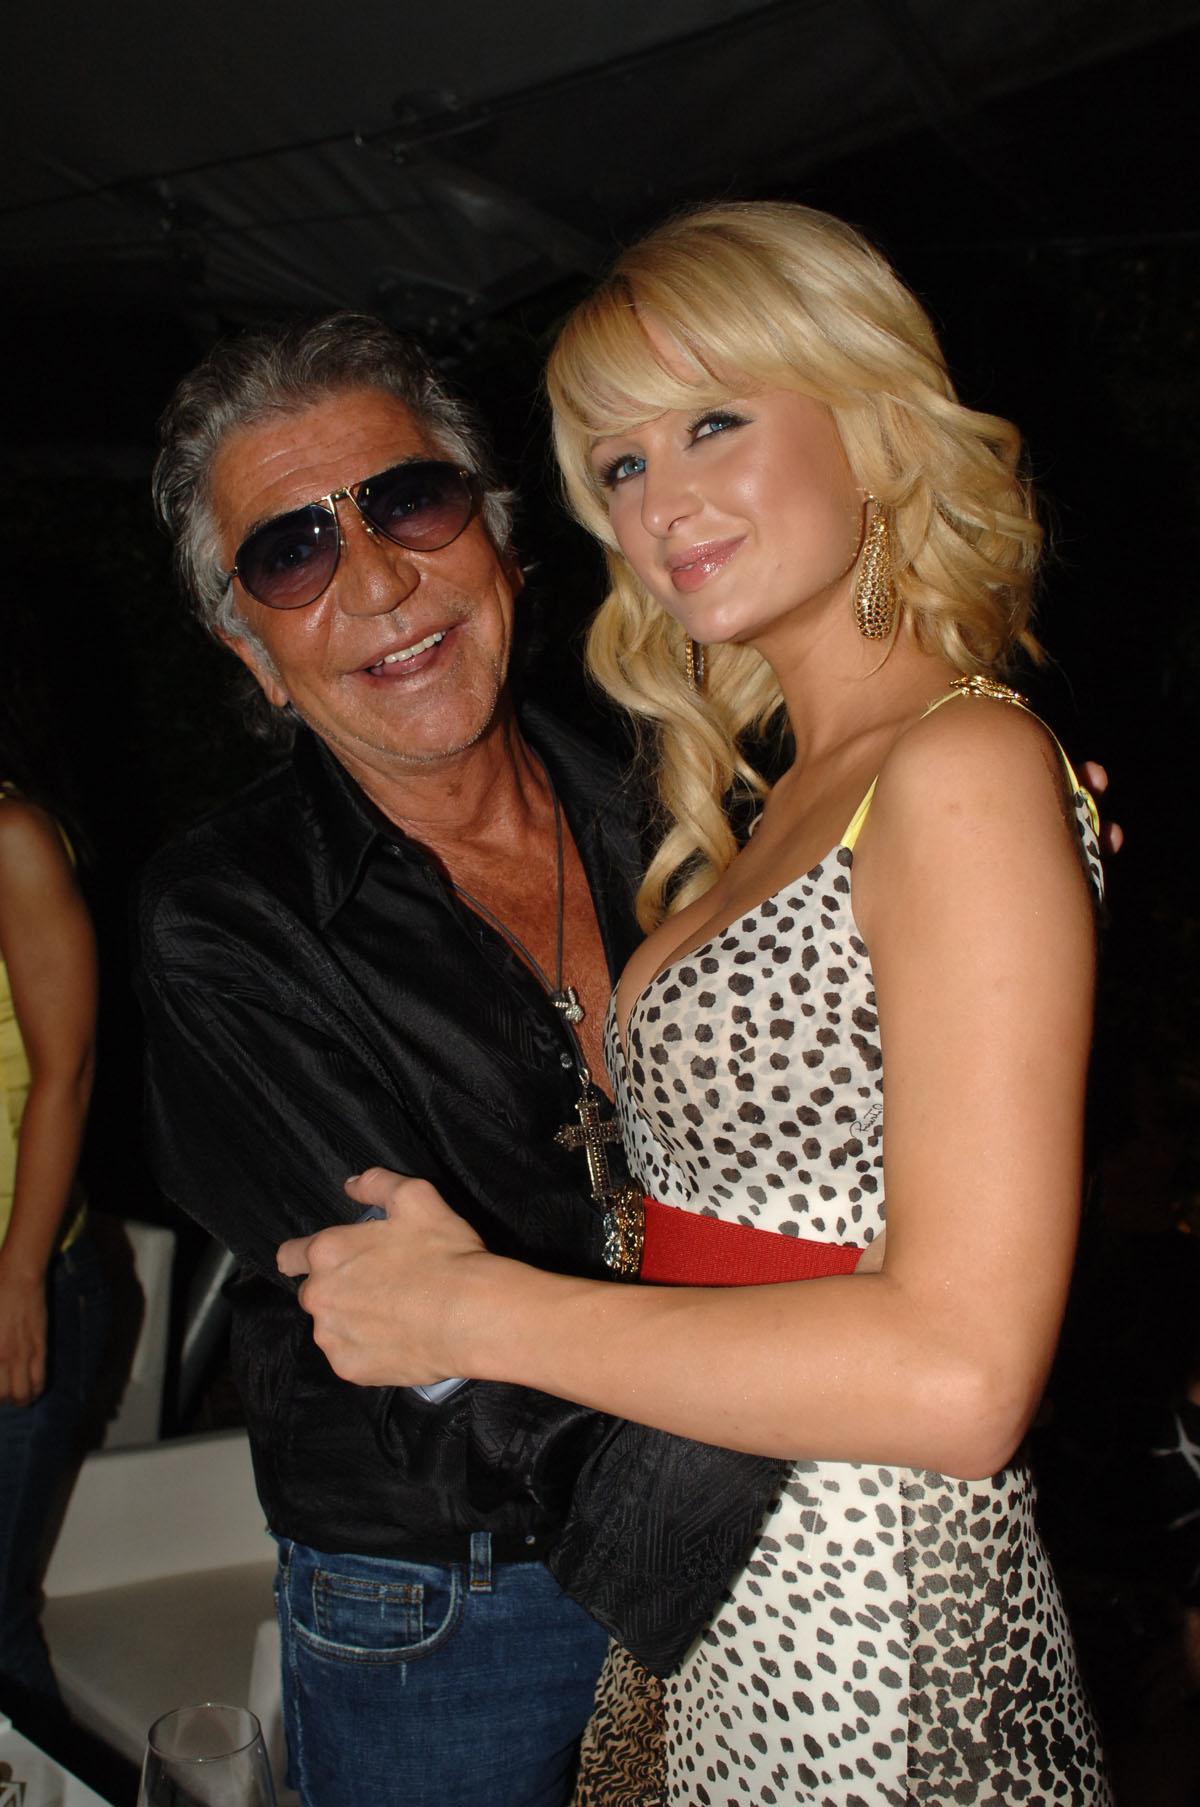 Paris Hilton+ Cavalli 2